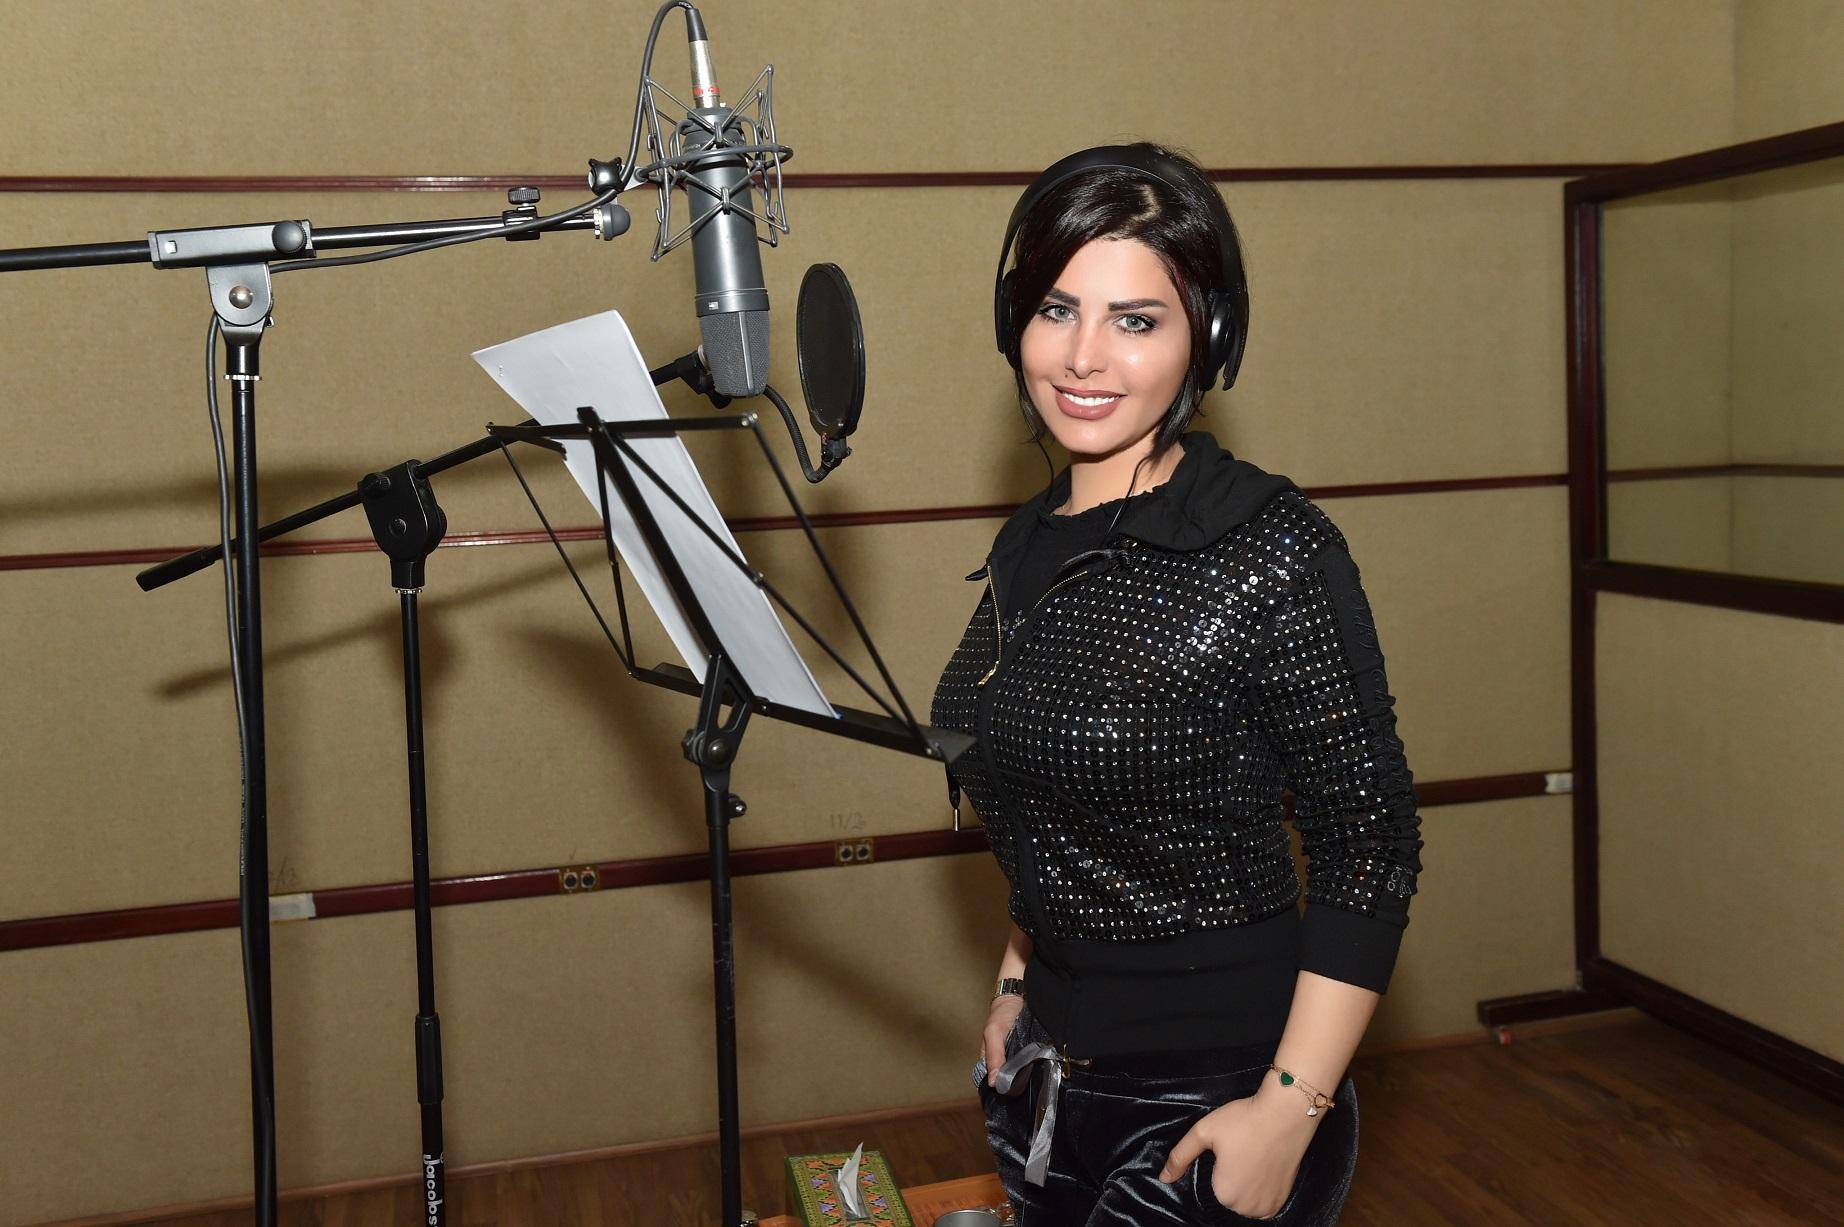 صورة شمس الكويتية تسجل 3 اغنيات جديدة